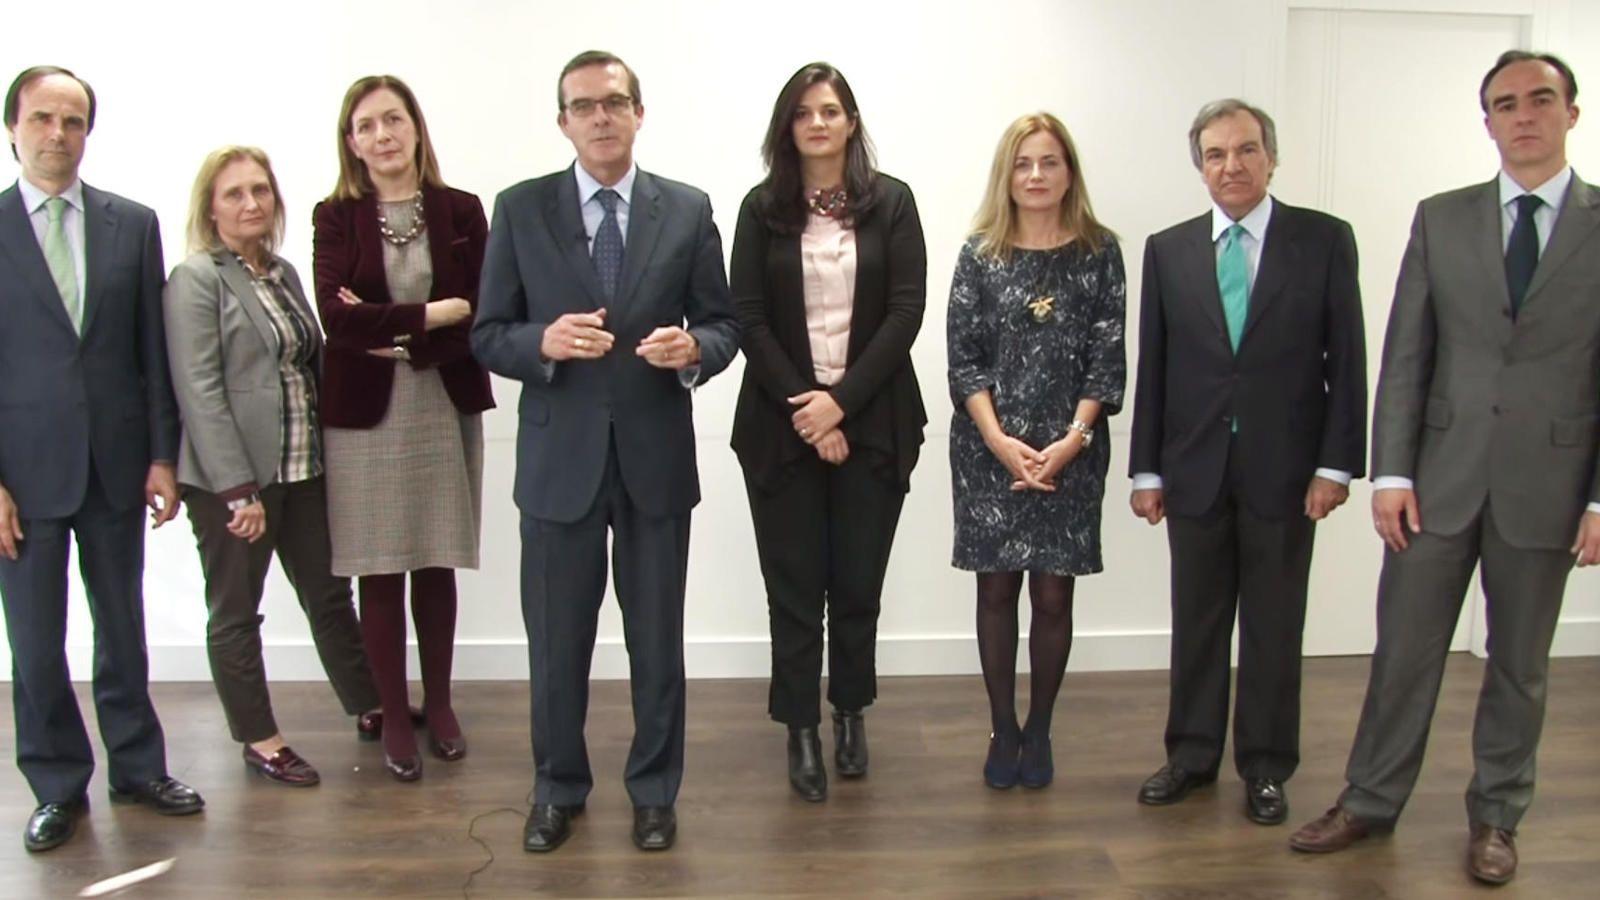 Ángel Pintado se ha mantenido siempre firme con varios de sus compañeros de partido en lo que respecta a las leyes contra la familia